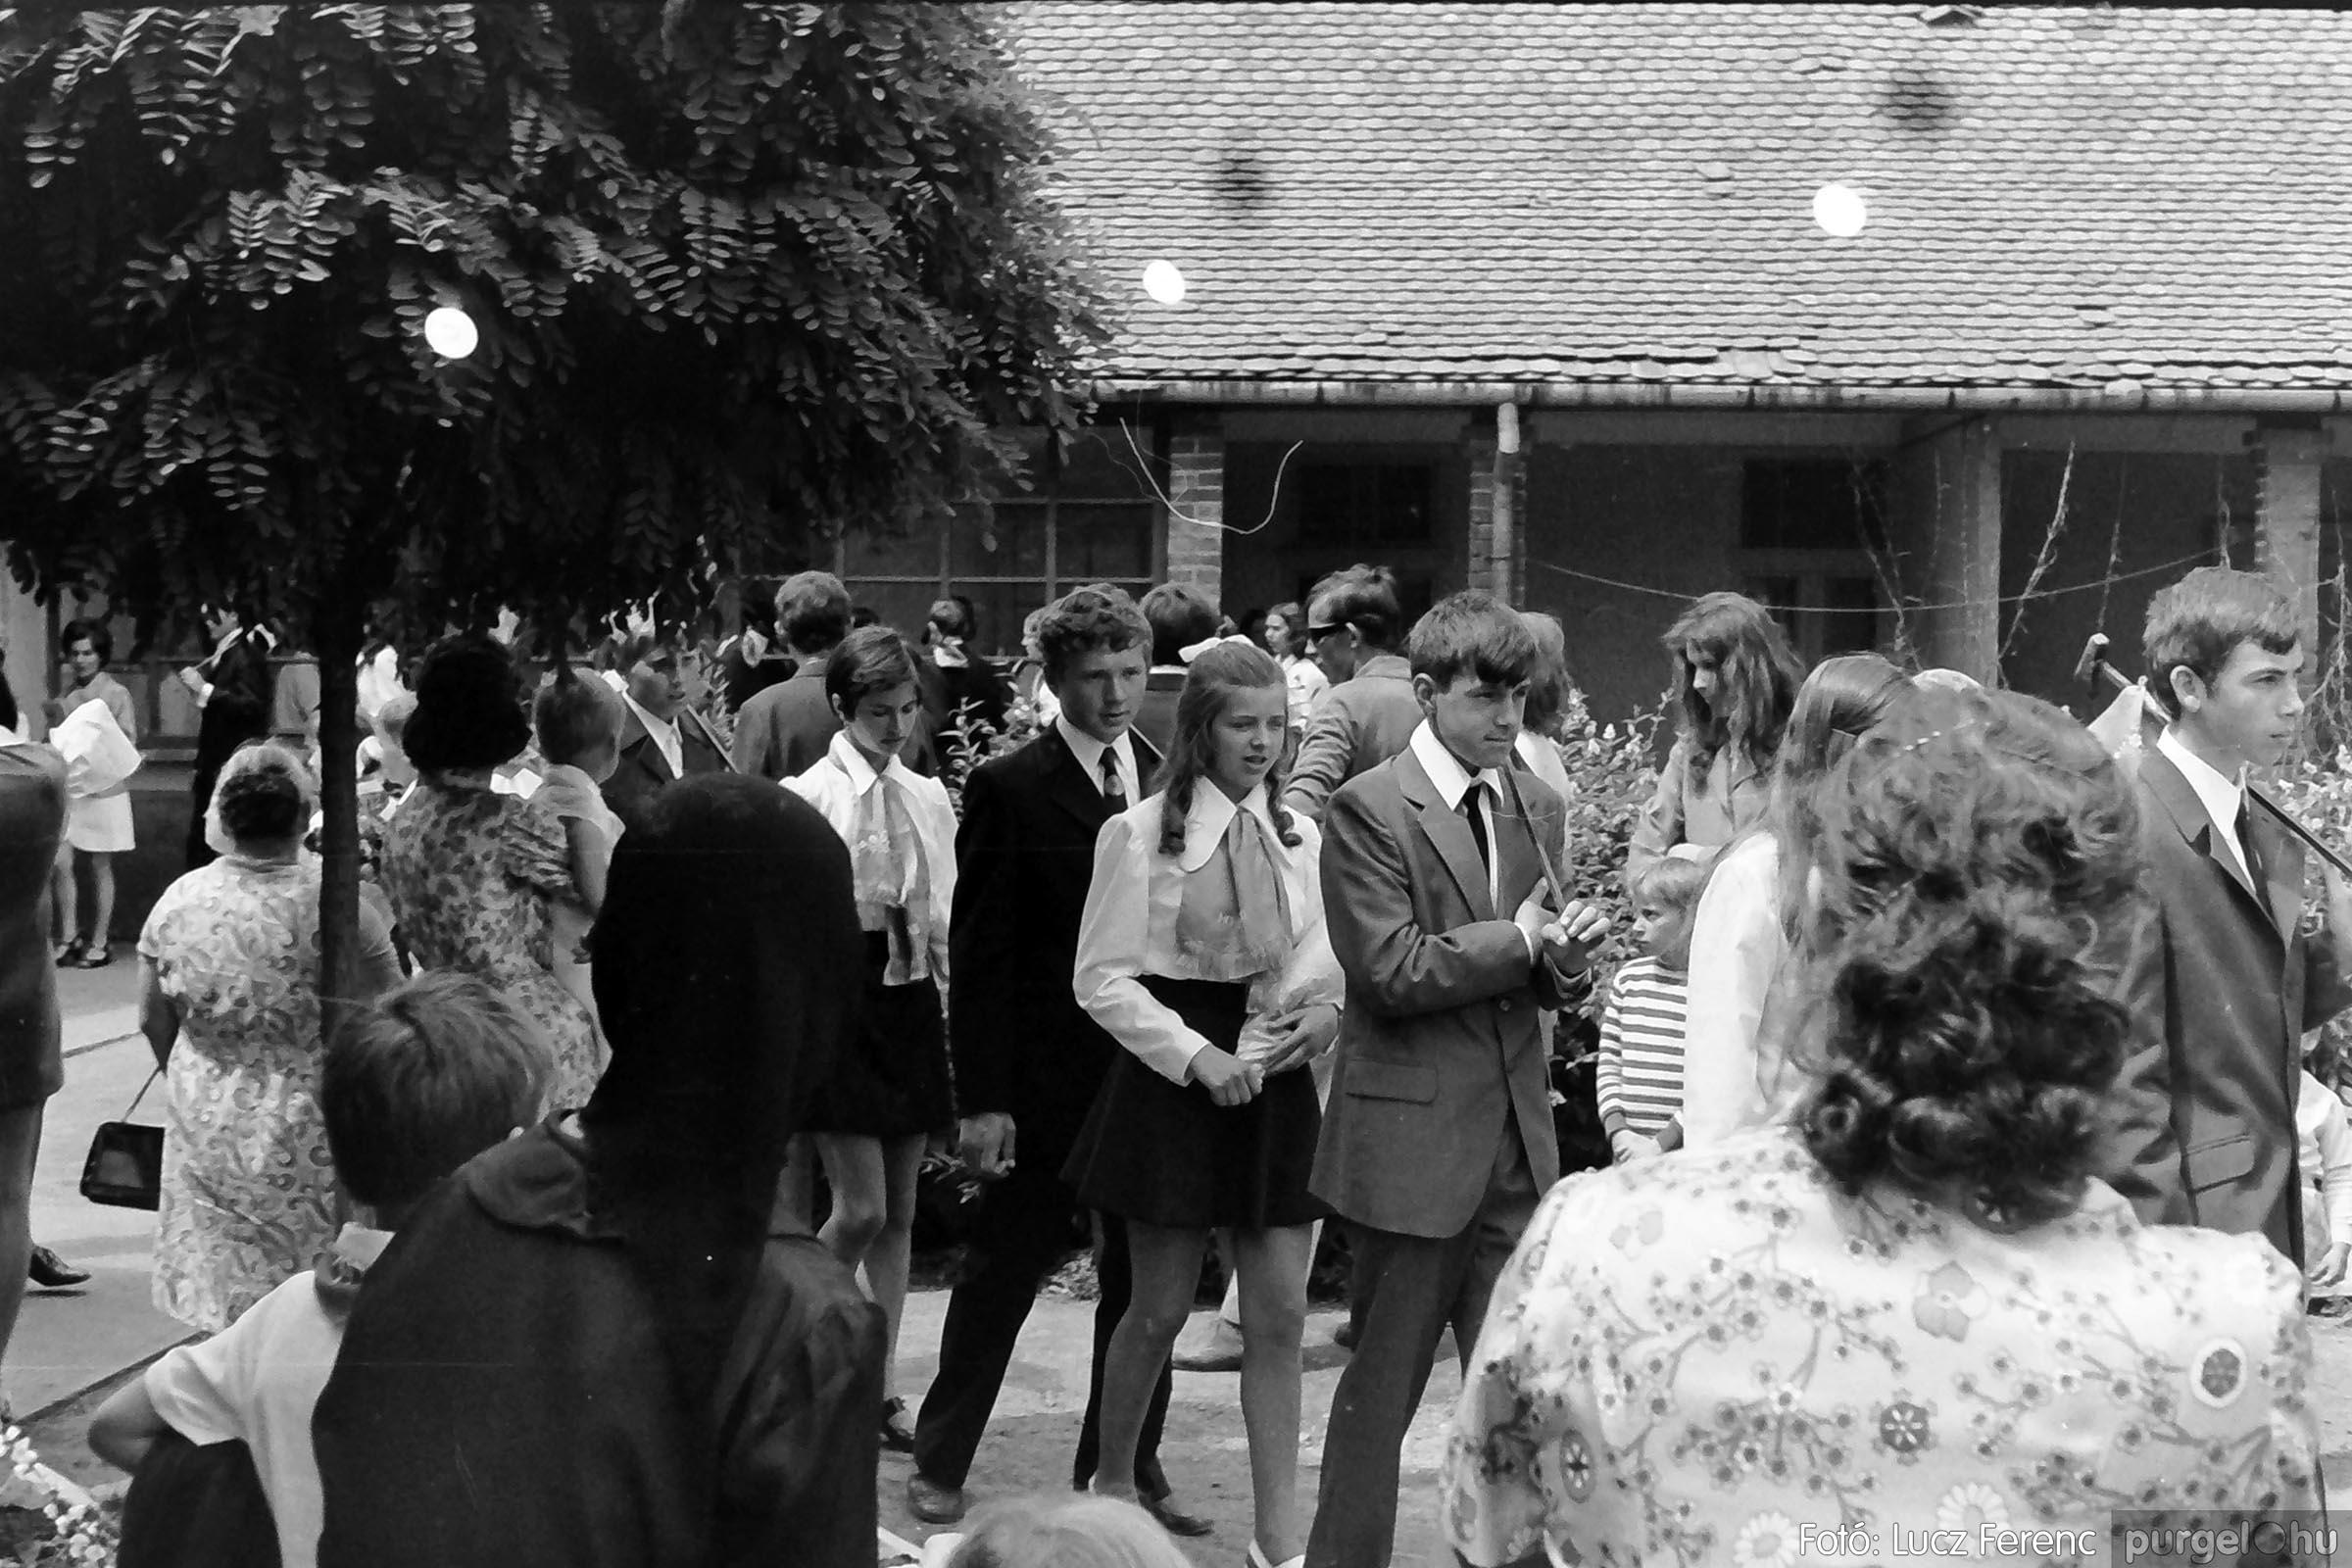 001 1972.05.27. Ballagás a szegvári iskolában 002 - Fotó: Lucz Ferenc - IMG01059q.jpg